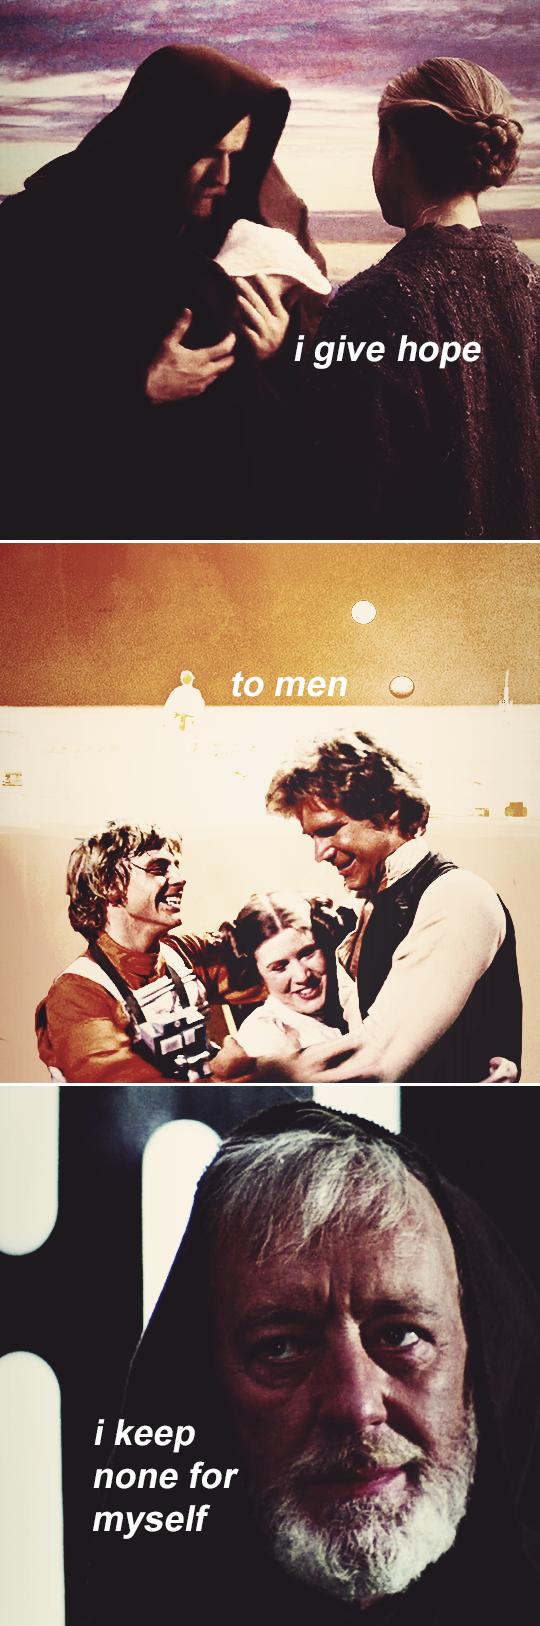 Obi Wan Kenobi: I give hope to men I keep none for myself (JRR Tolkien) #starwars